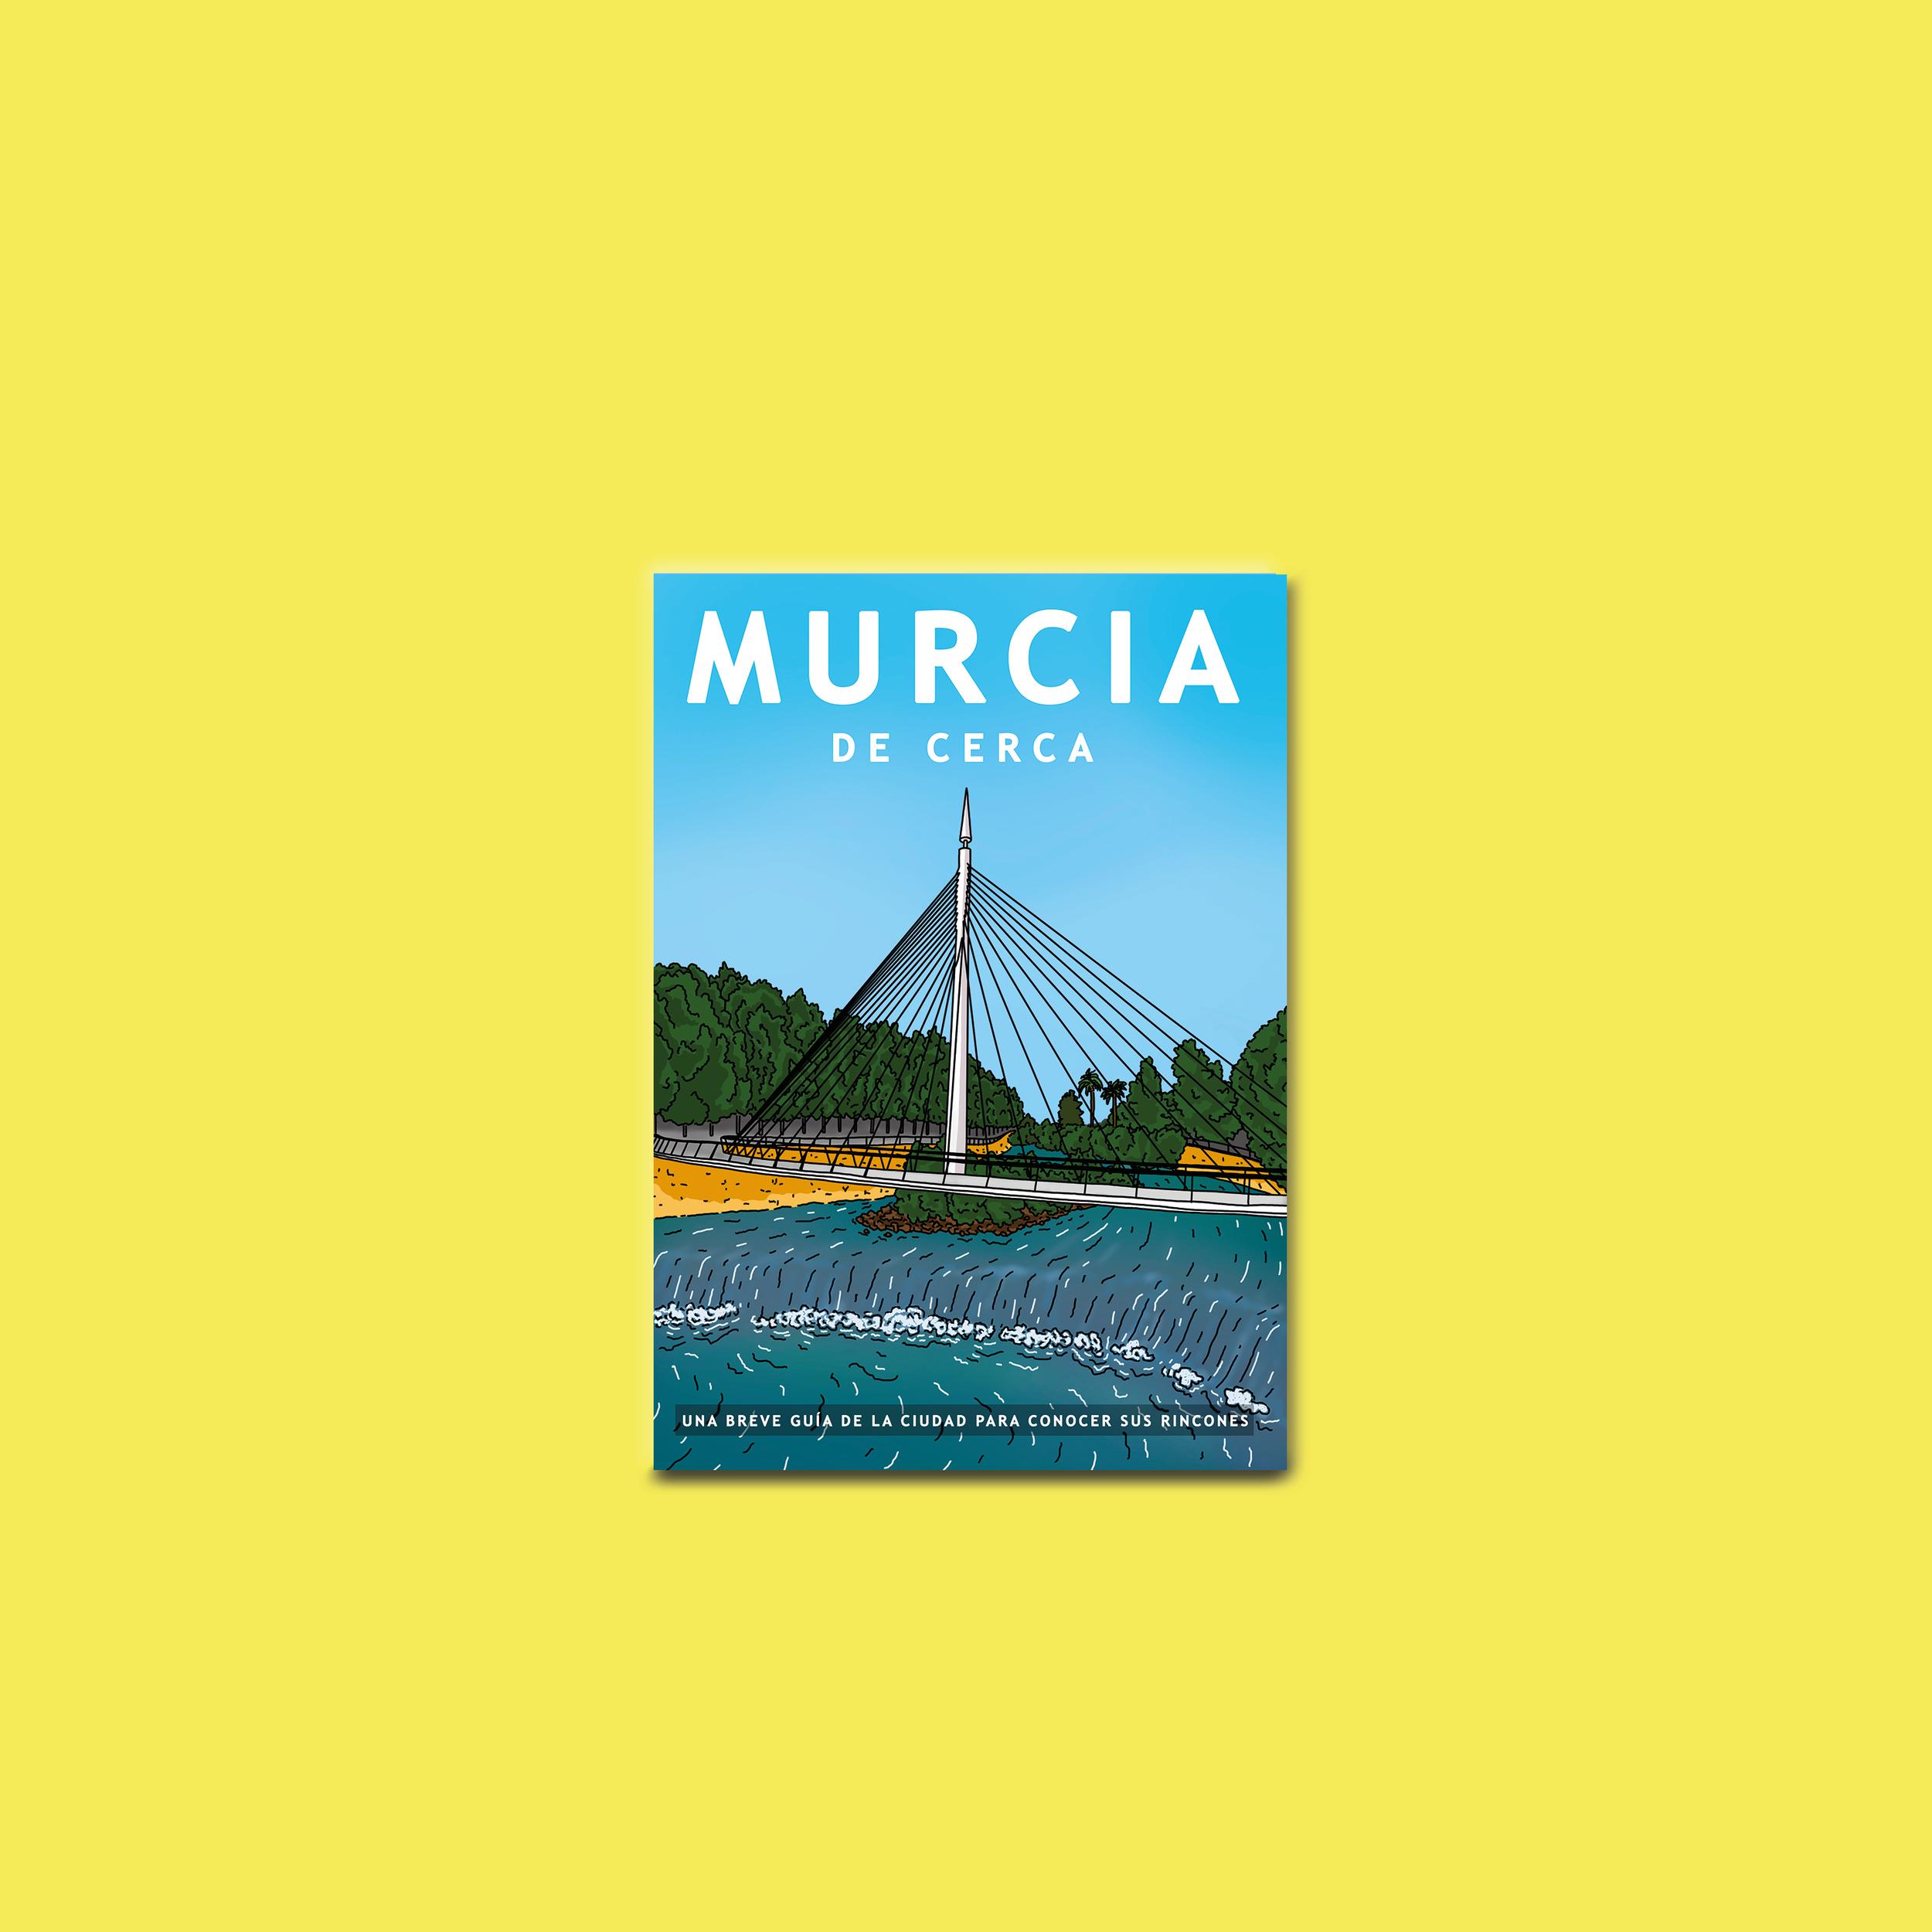 MURCIA DE CERCA (1).png